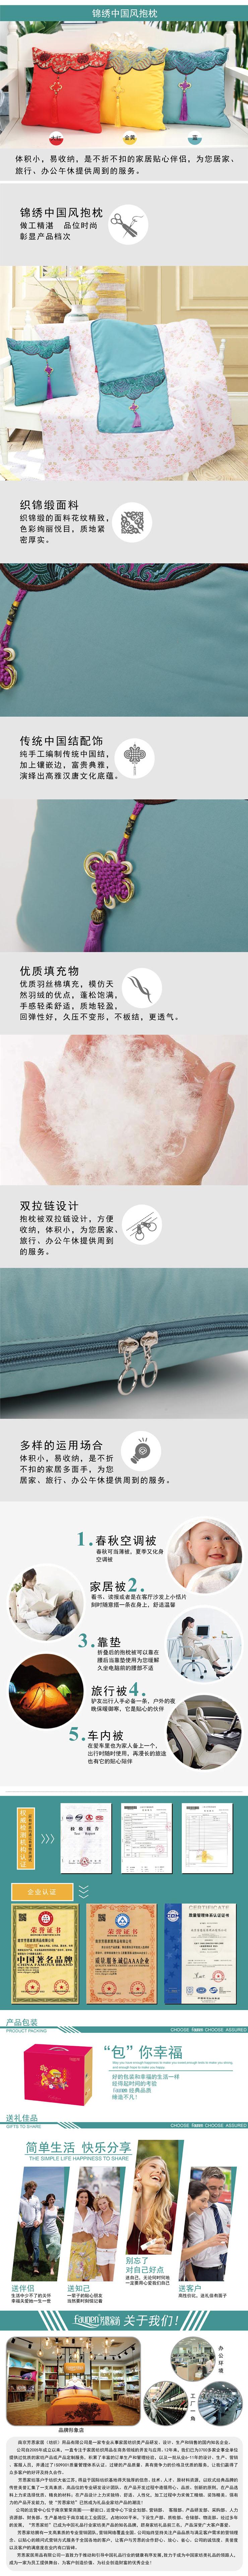 千赢娱乐_FN-R730 锦绣中国风抱枕被